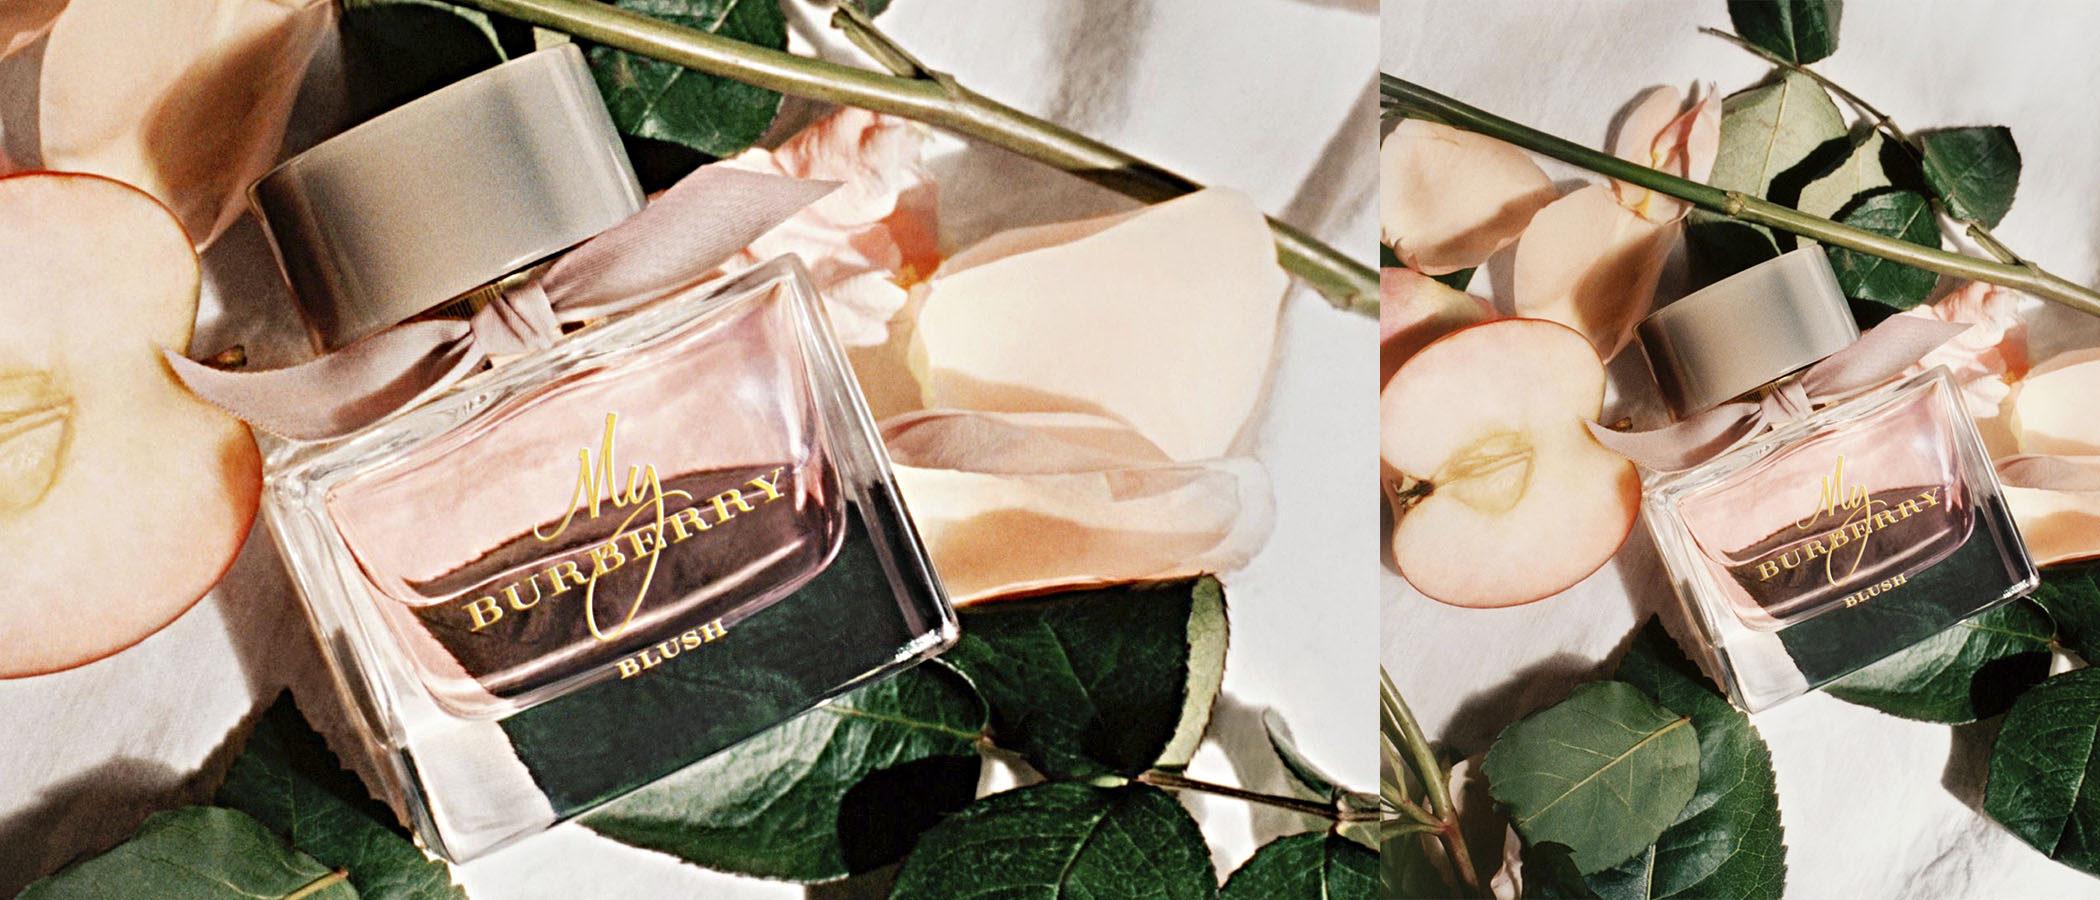 Burberry se despide del verano con su nuevo perfume 'My Burberry Blush'